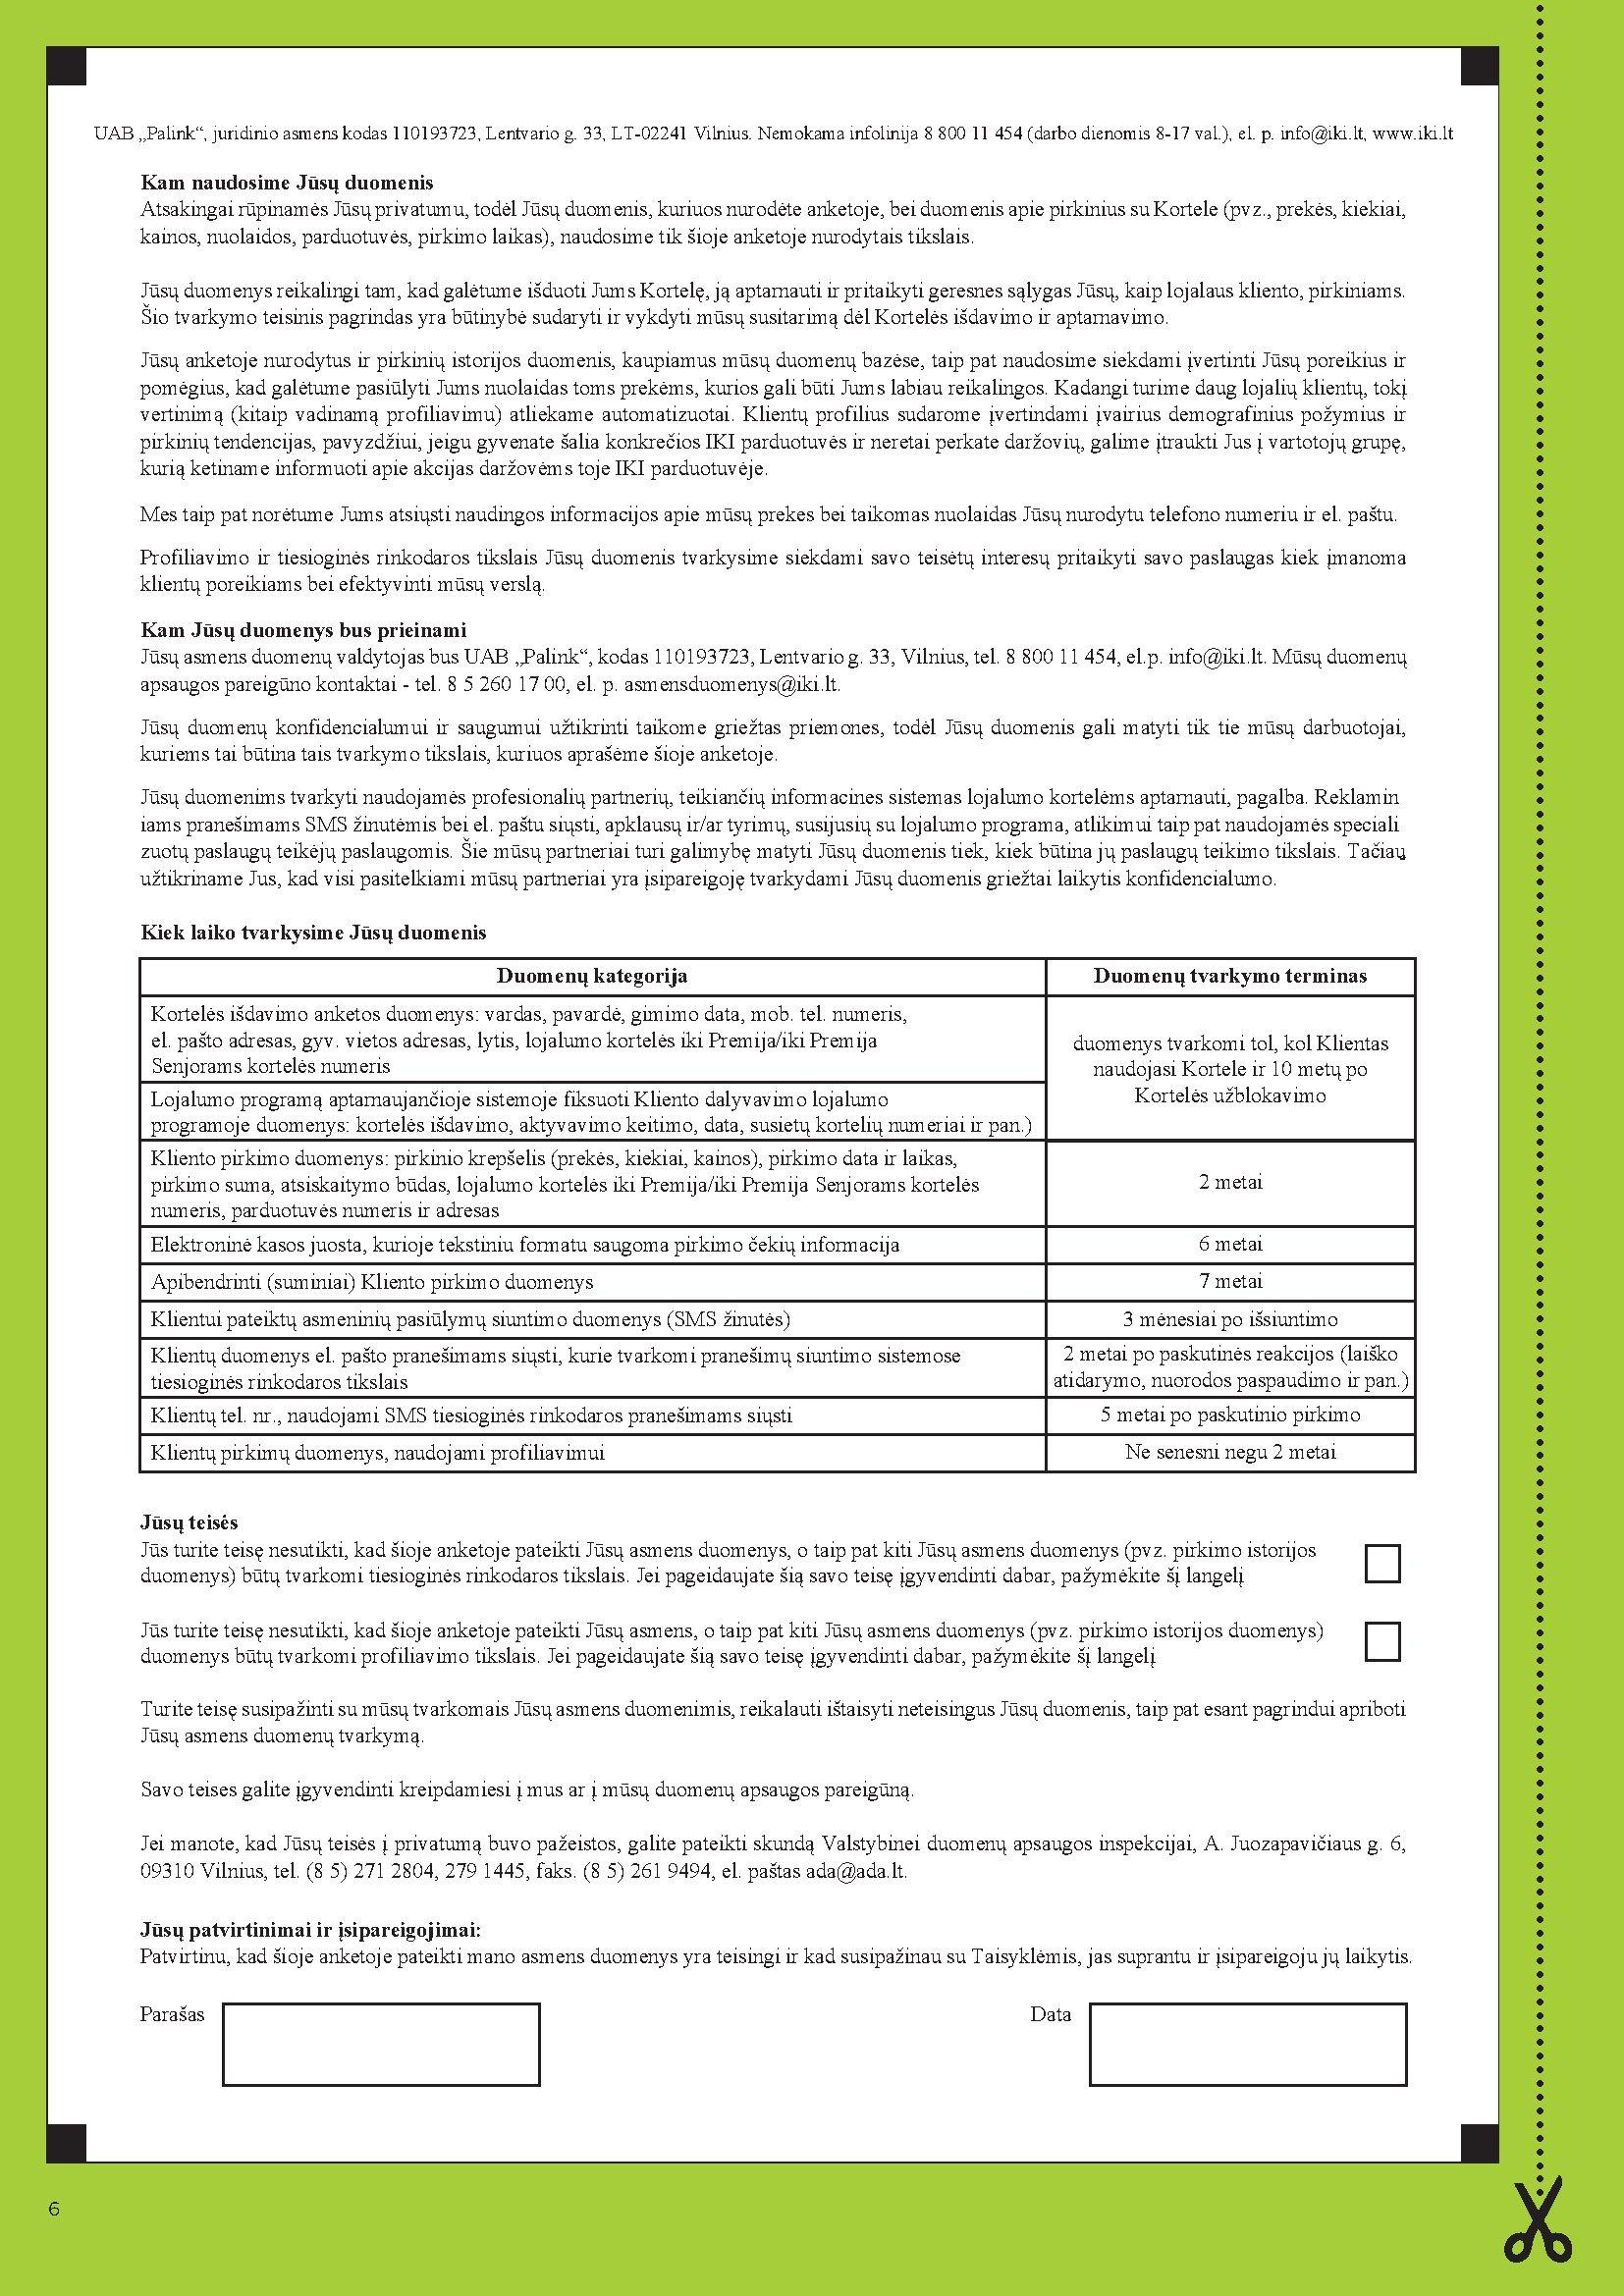 IKI Express Ulonų specialūs pasiūlymai page 6